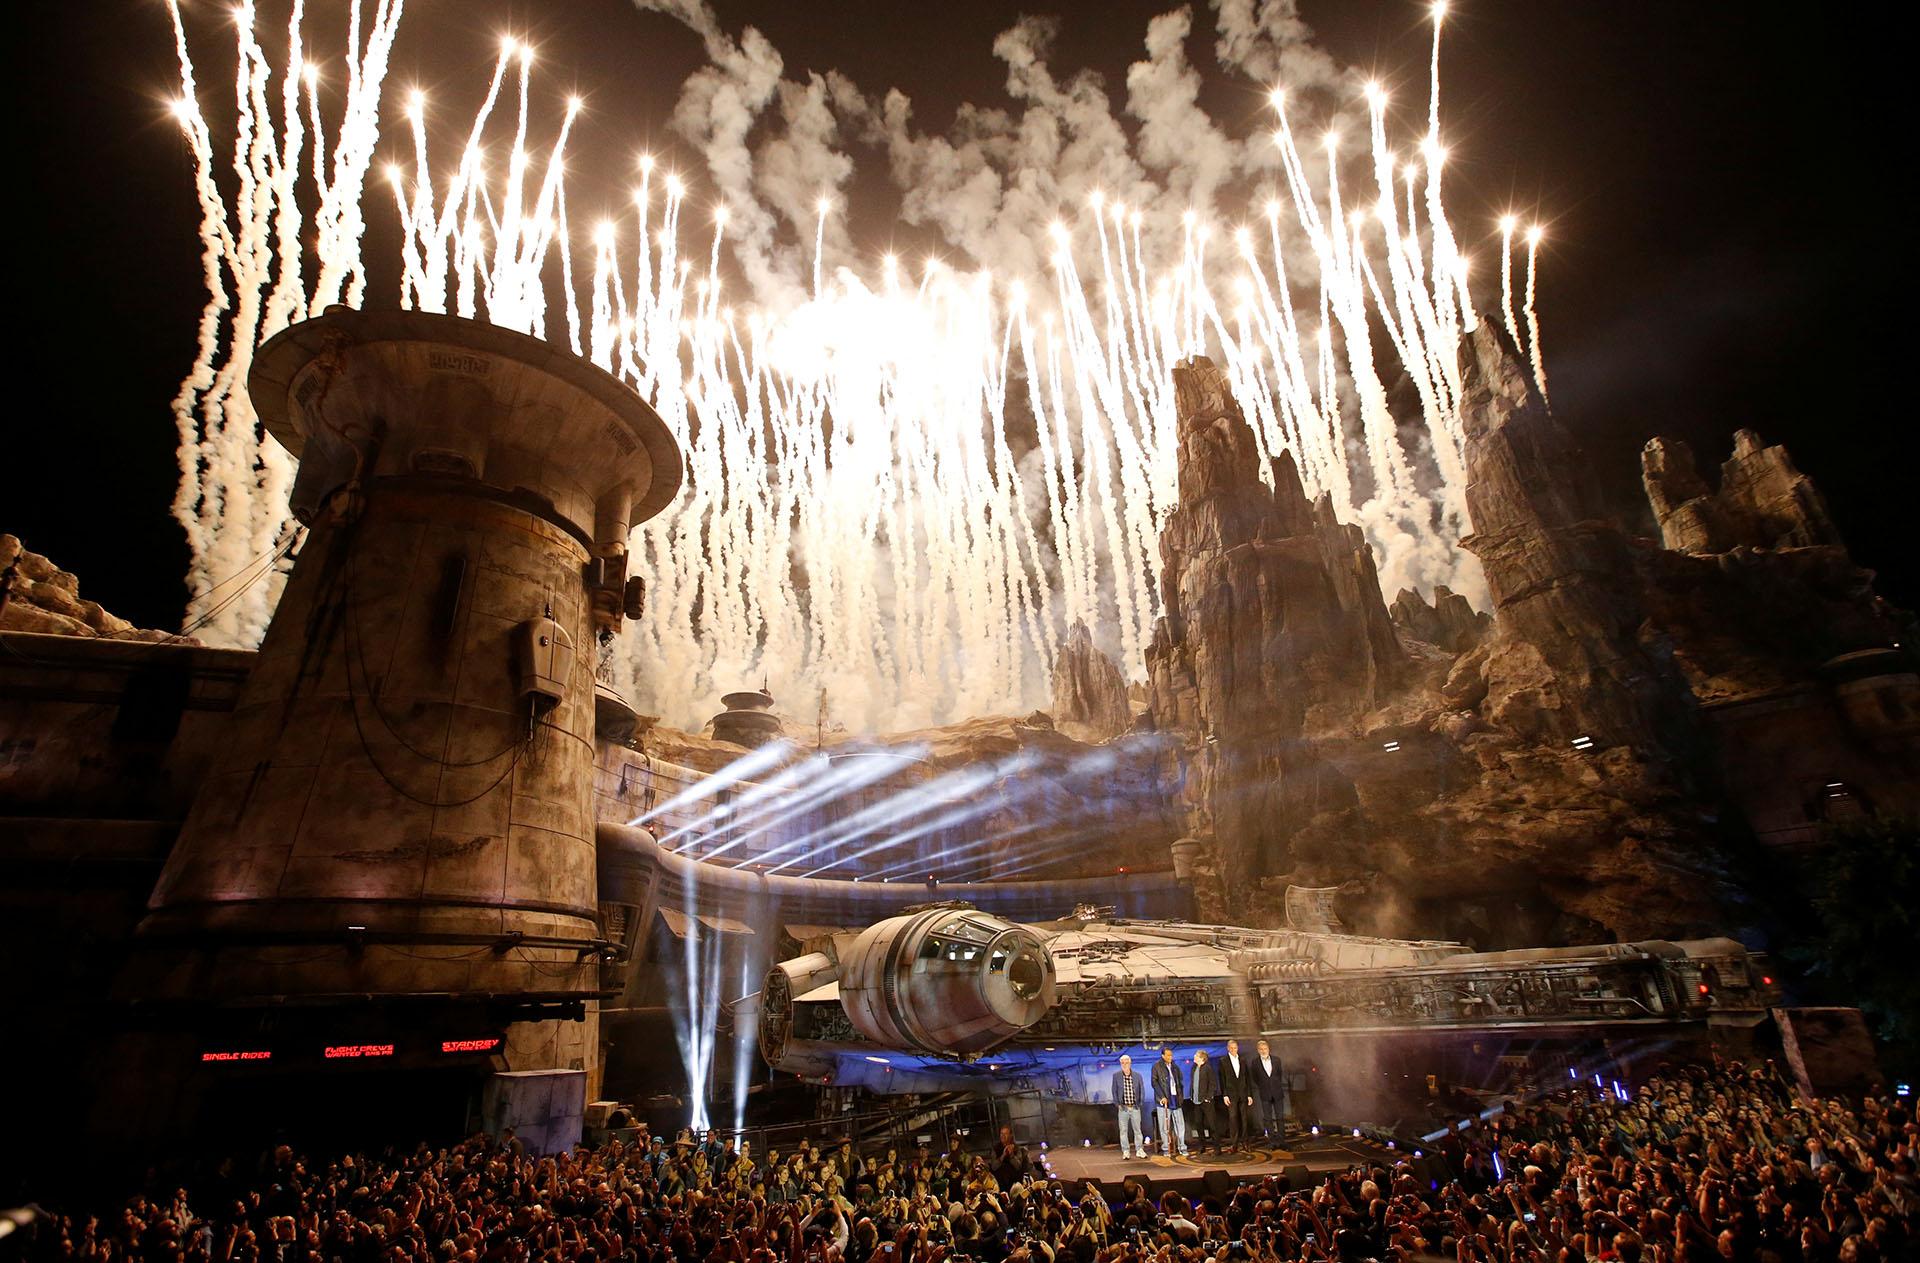 """La presentación de """"Star Wars: Galaxy's Edge"""" en Disneyland Park el 29 de mayo de 2019 (REUTERS/Mario Anzuoni)"""